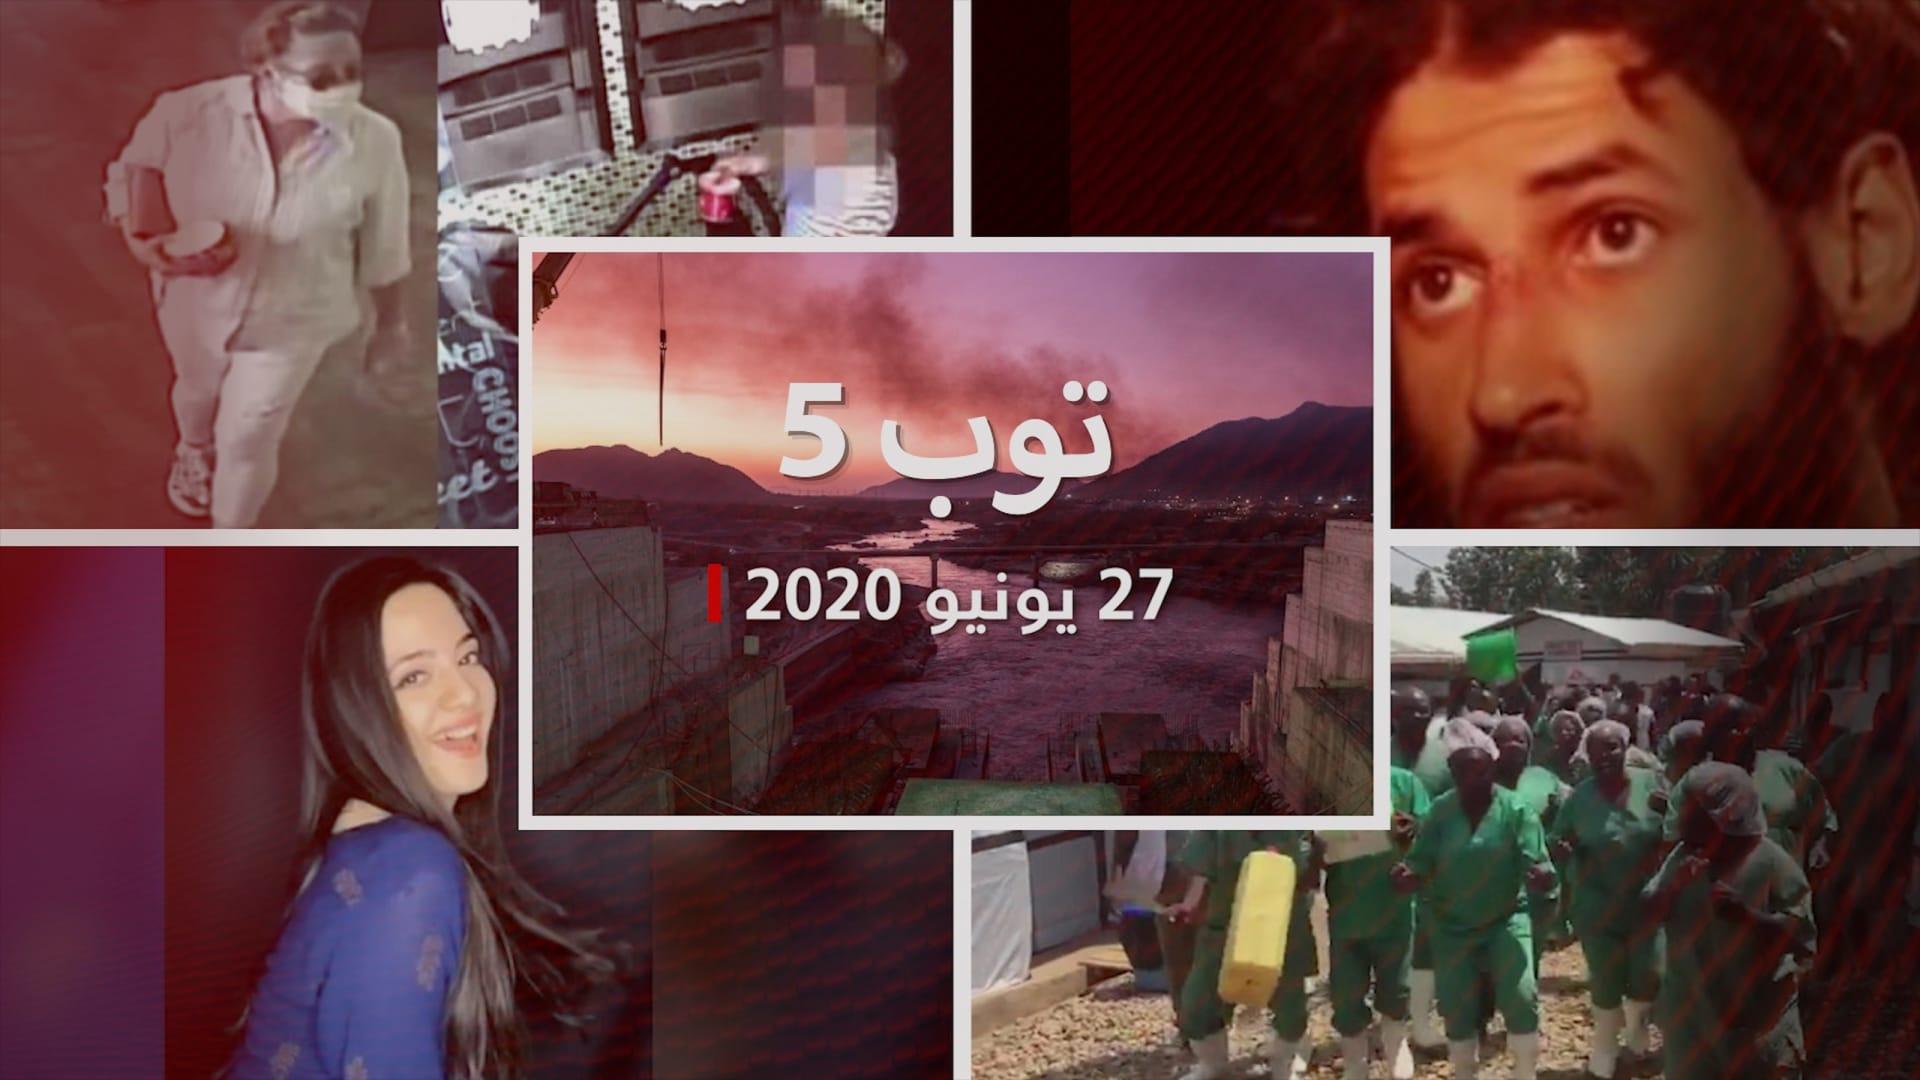 توب 5.. ملخص بأبرز قصص المنطقة والعالم في 27 يونيو